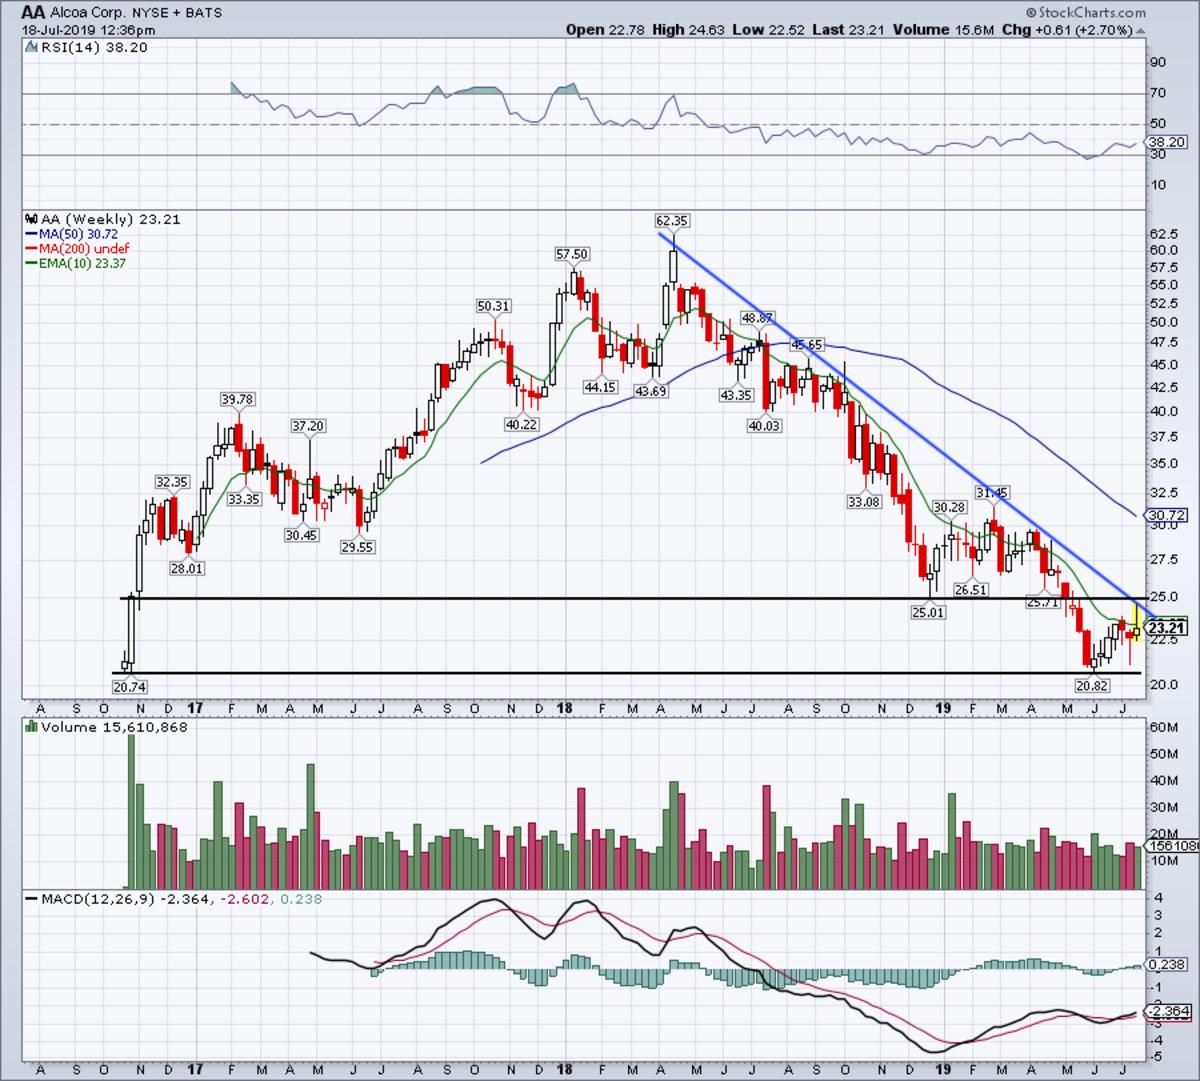 Weekly chart of Alcoa stock.